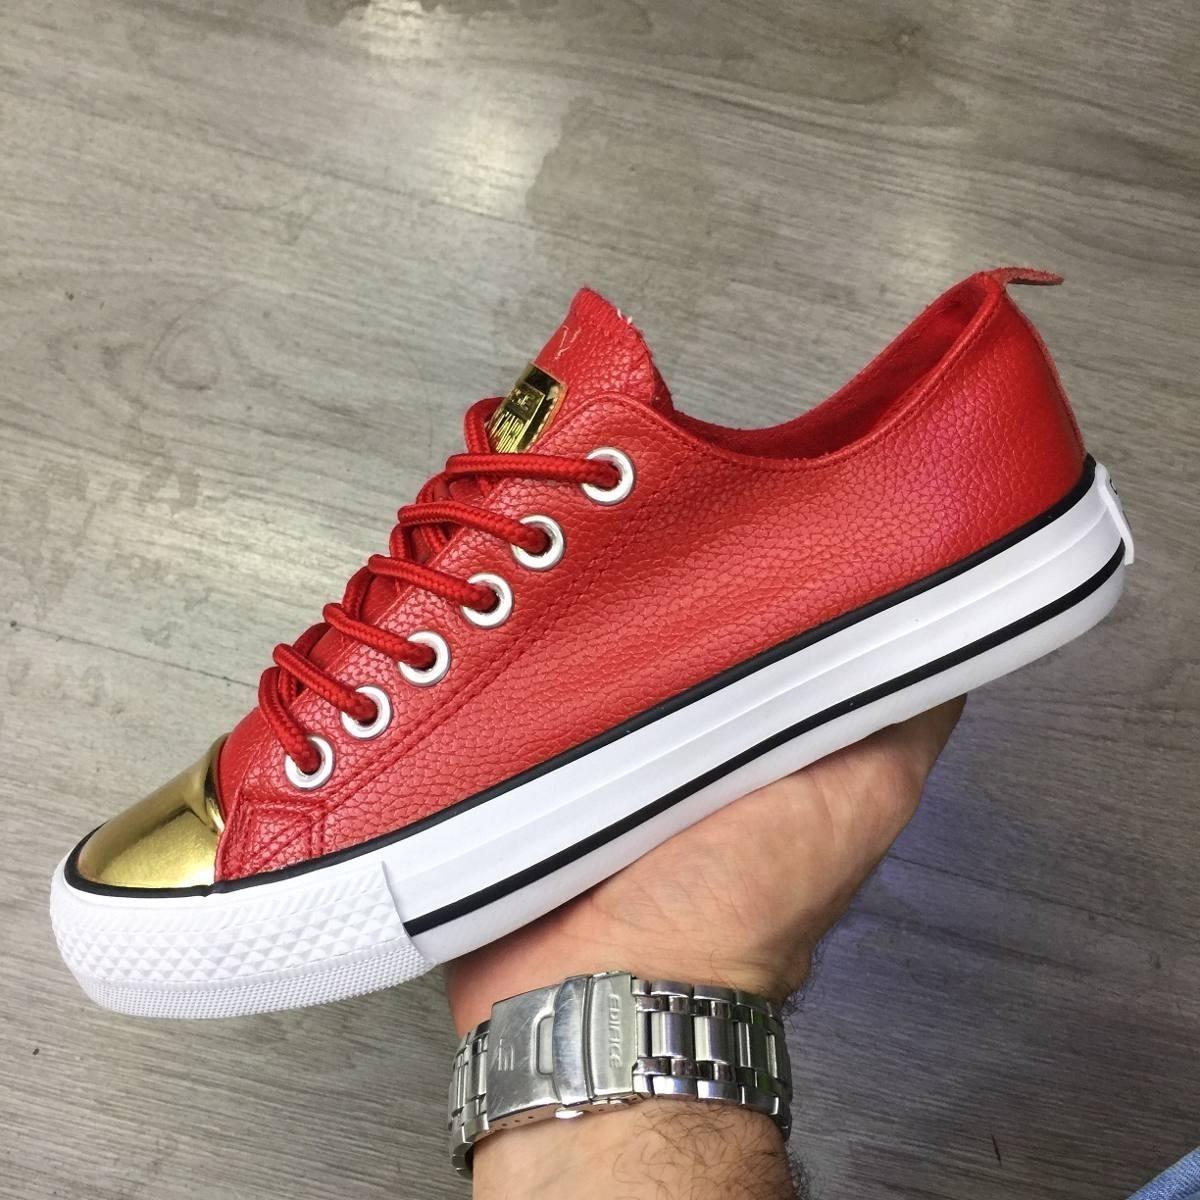 32e98493e Tenis Zapatillas Converse Cuero Roja Dorada Mujer Env G -   119.900 ...